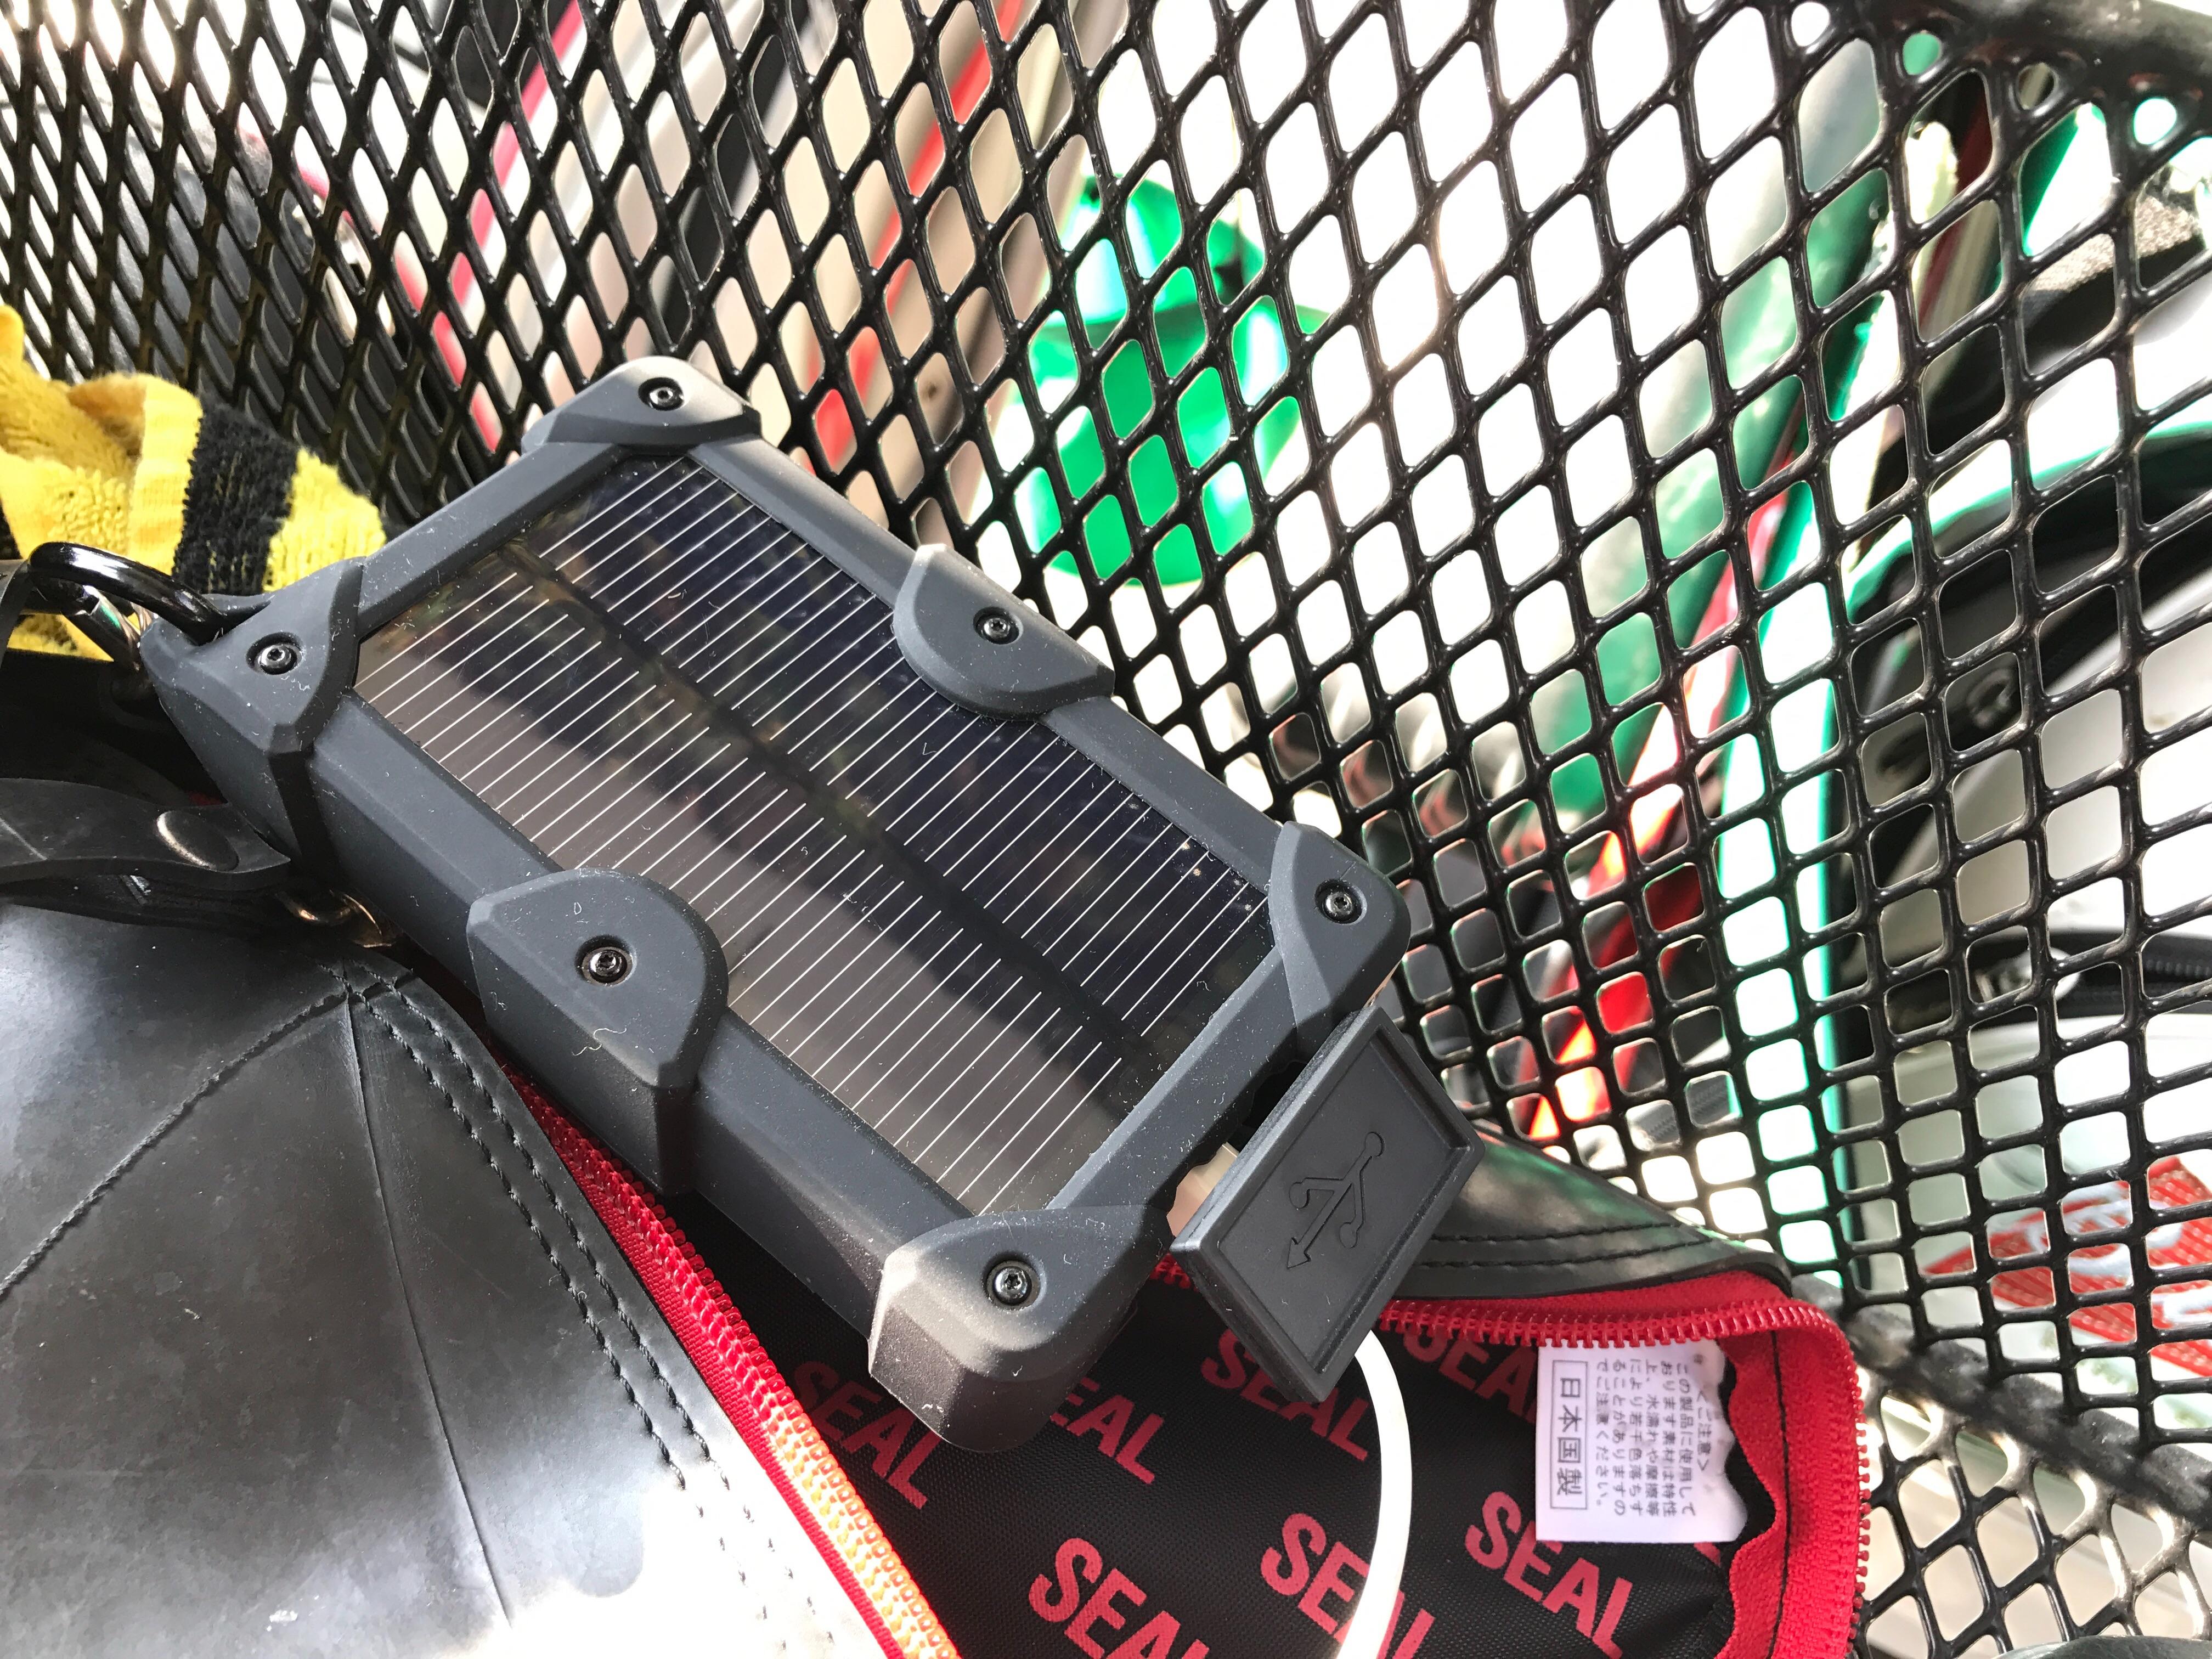 EC Technology 10000mAh 大容量 モバイルバッテリー ソーラーチャージャー ソーラーバッテリー